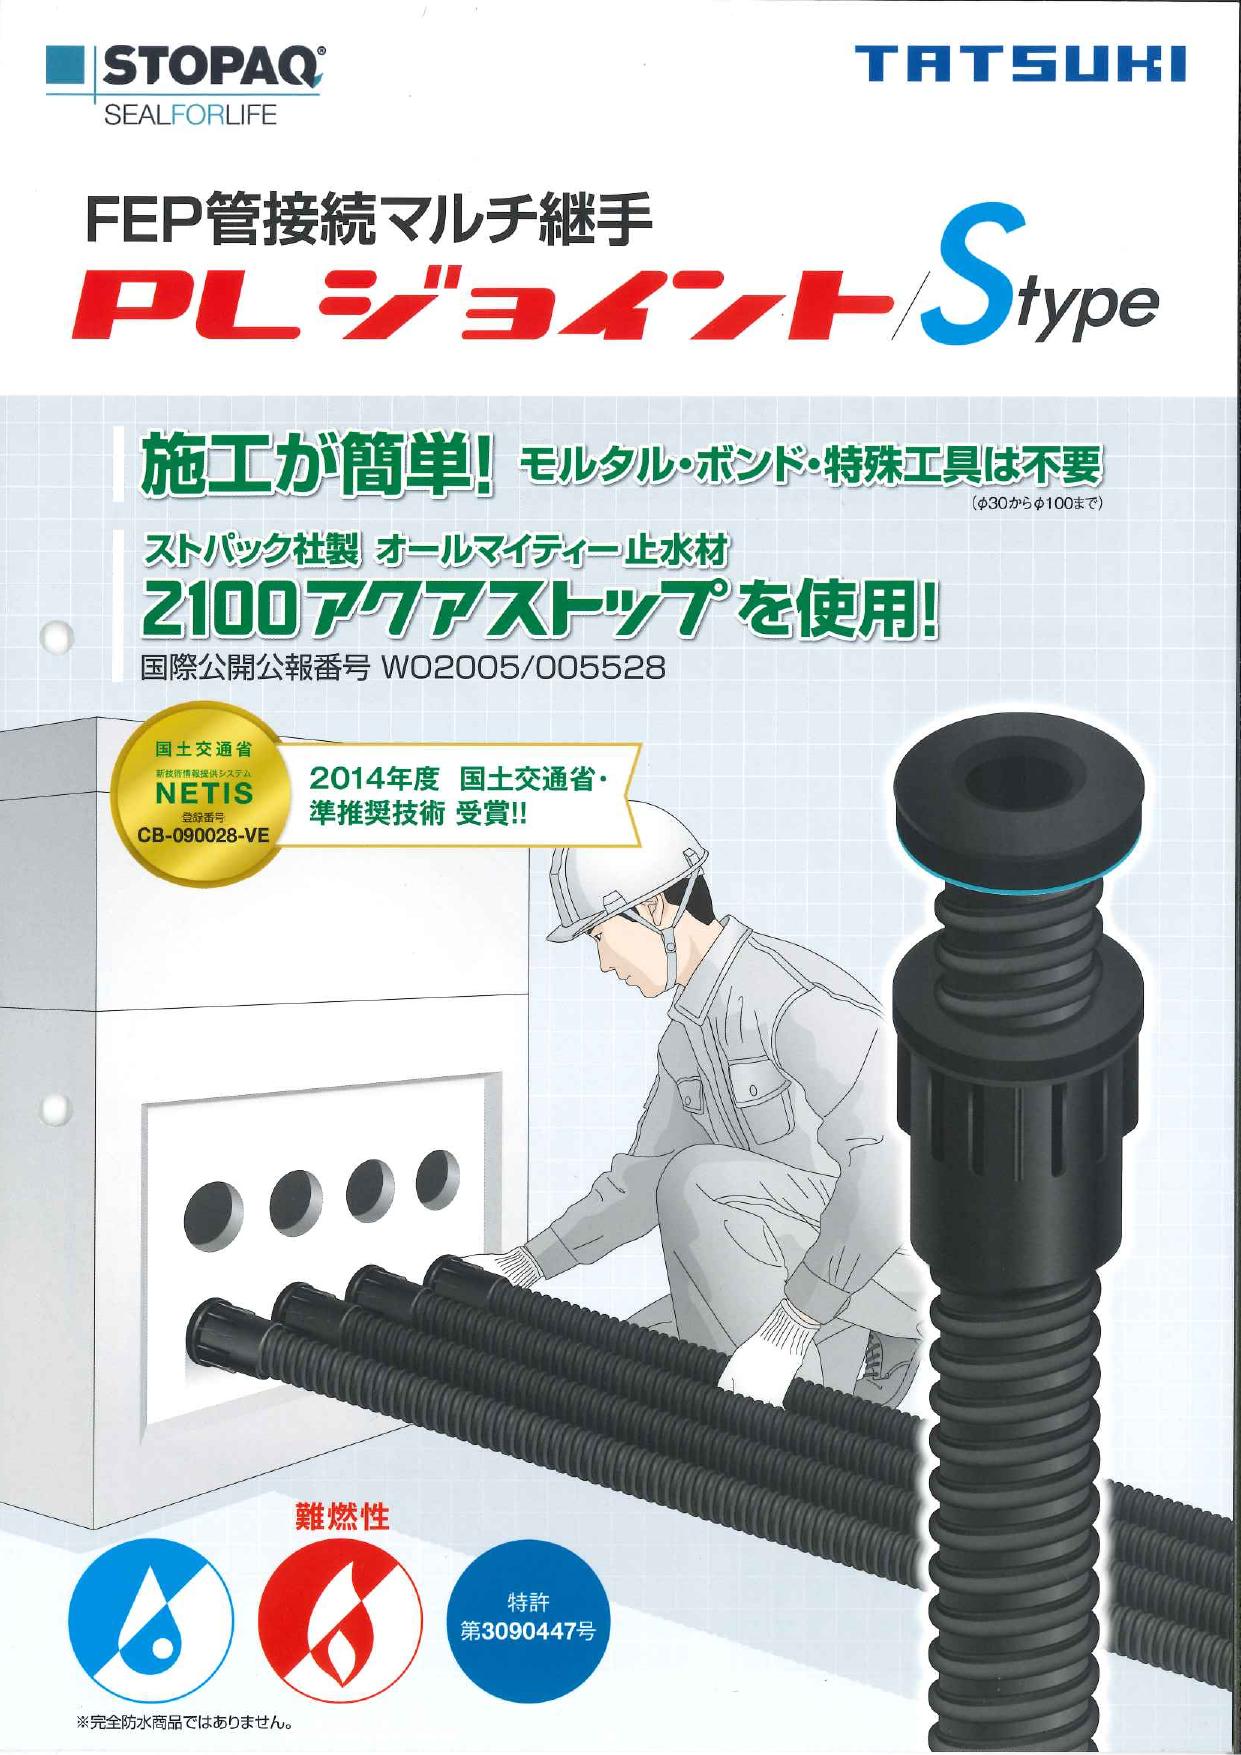 FEP管接続マルチ継手 PLジョイント/Stype